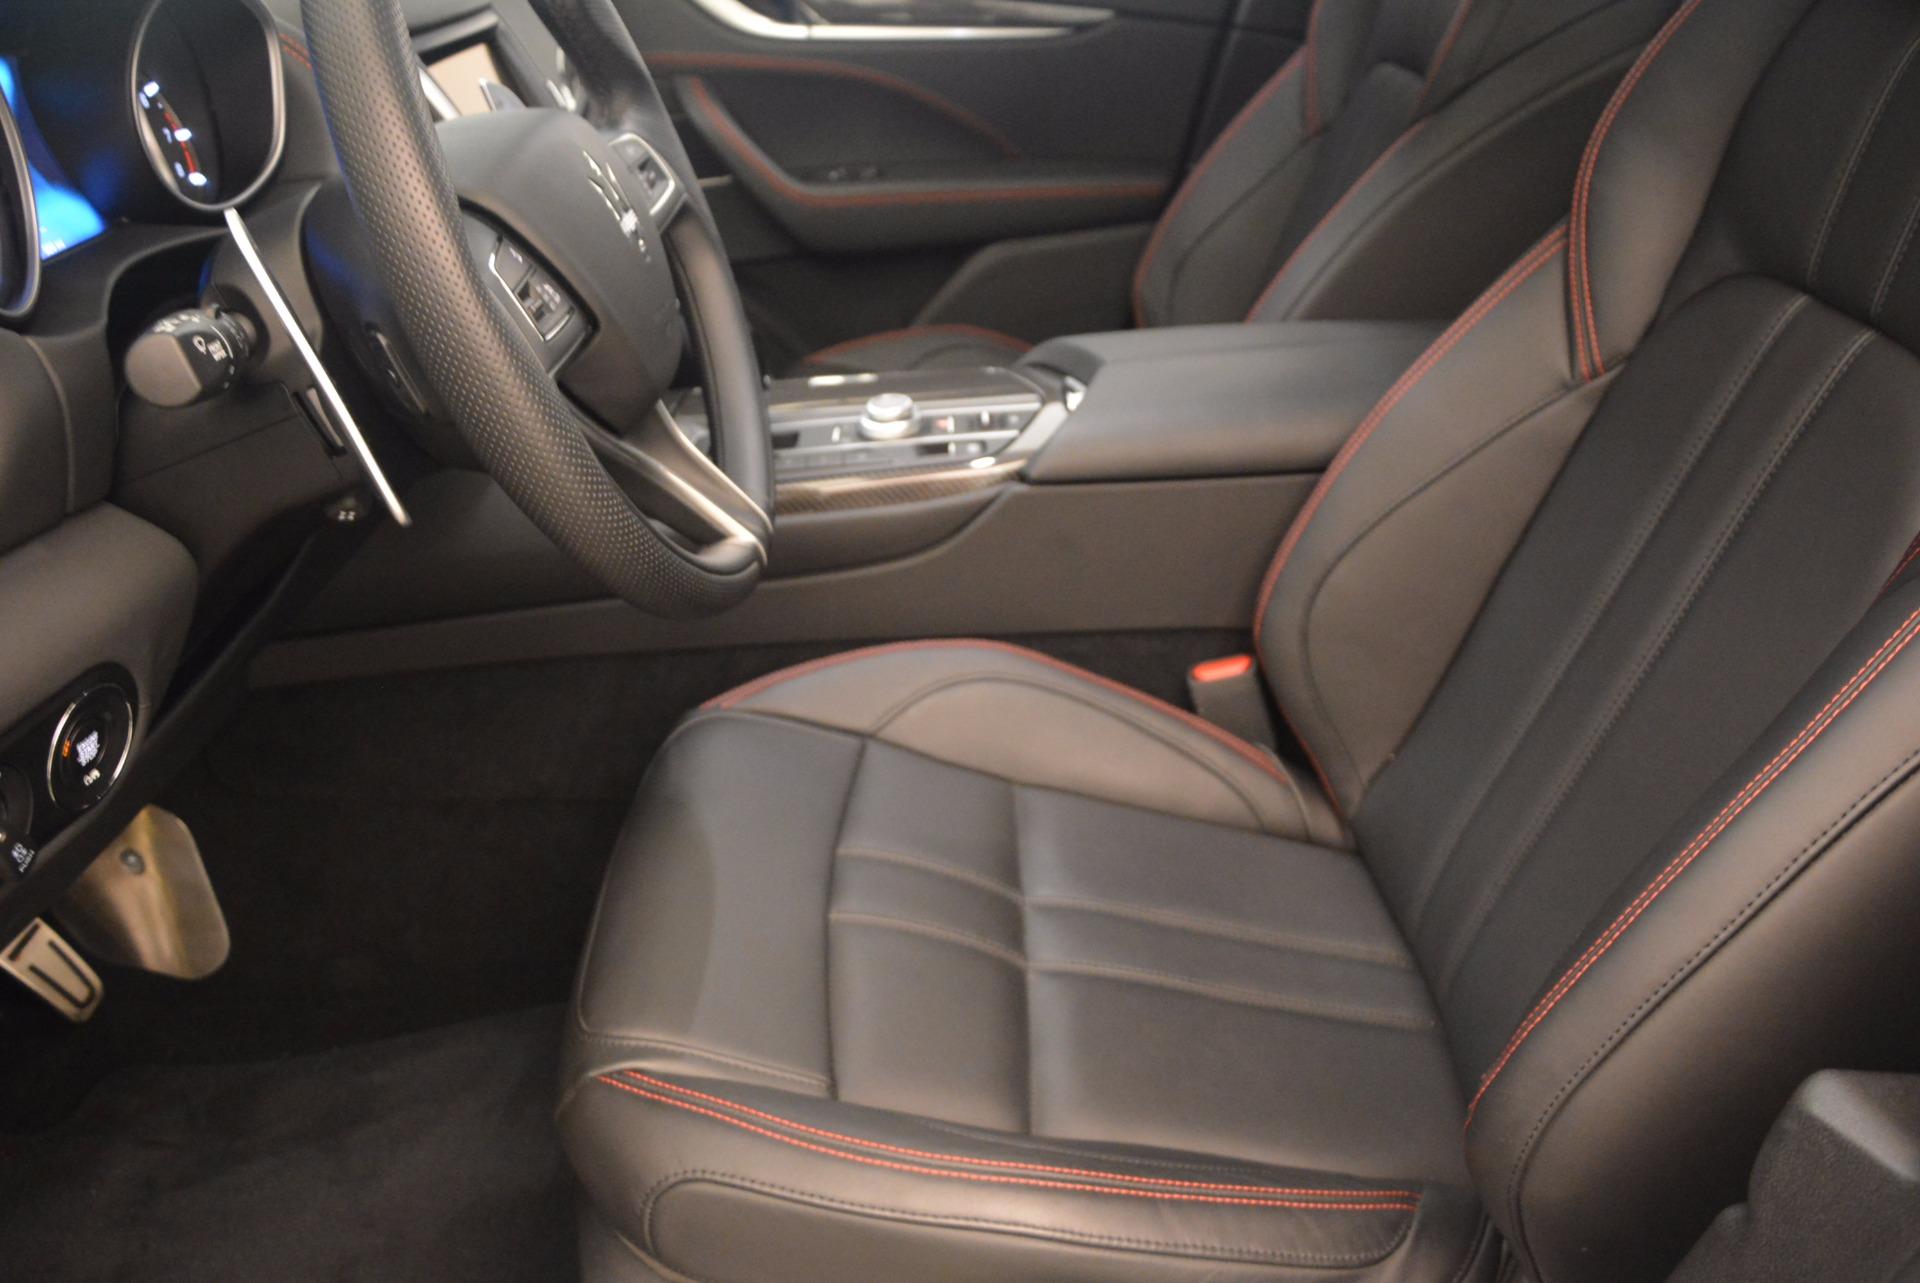 Used 2017 Maserati Levante S For Sale In Greenwich, CT 1112_p14